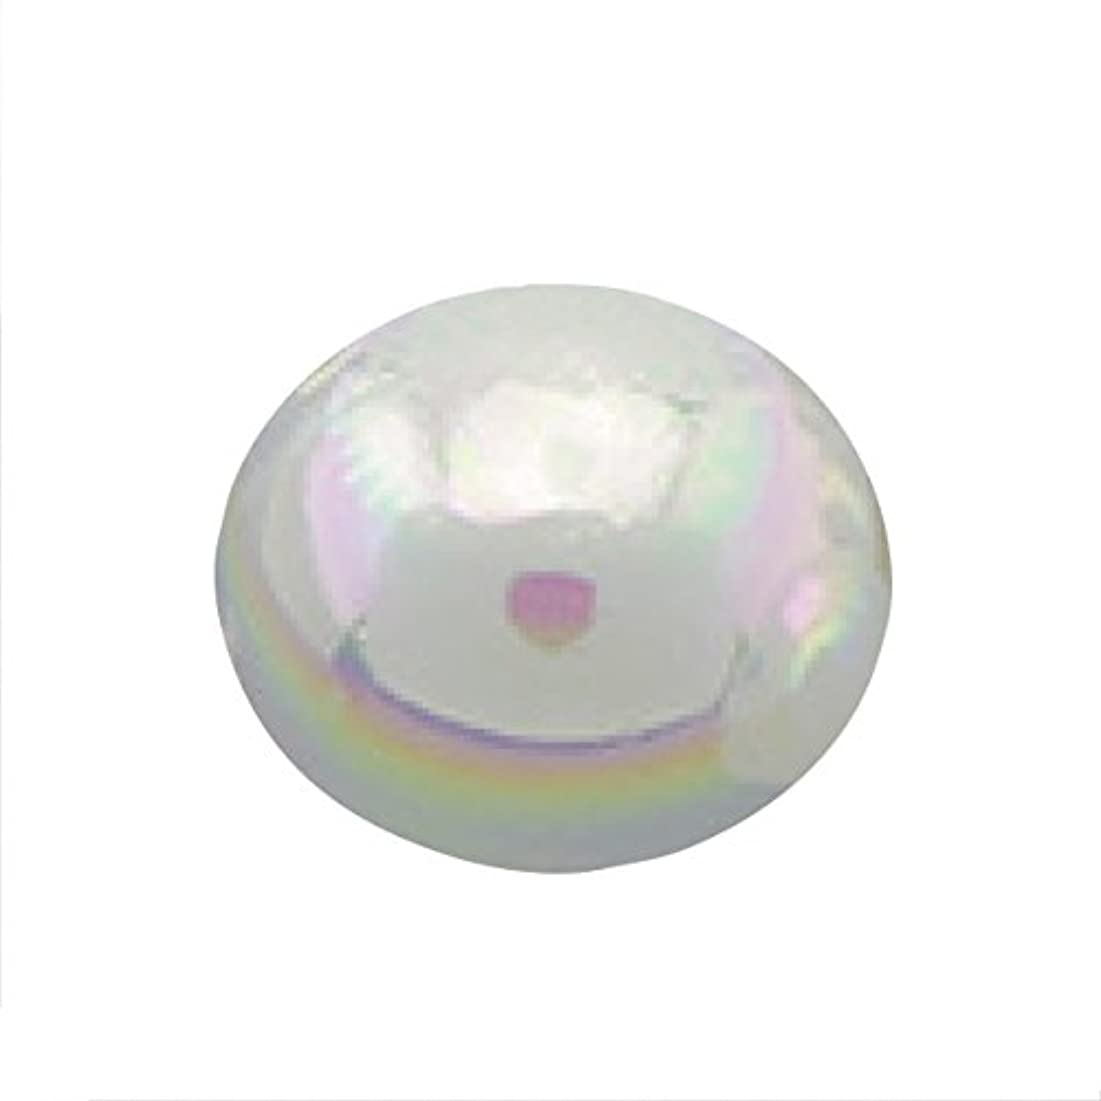 ほぼ粘性のマングルパールオーロラオフホワイト1.5mm(50個入り)